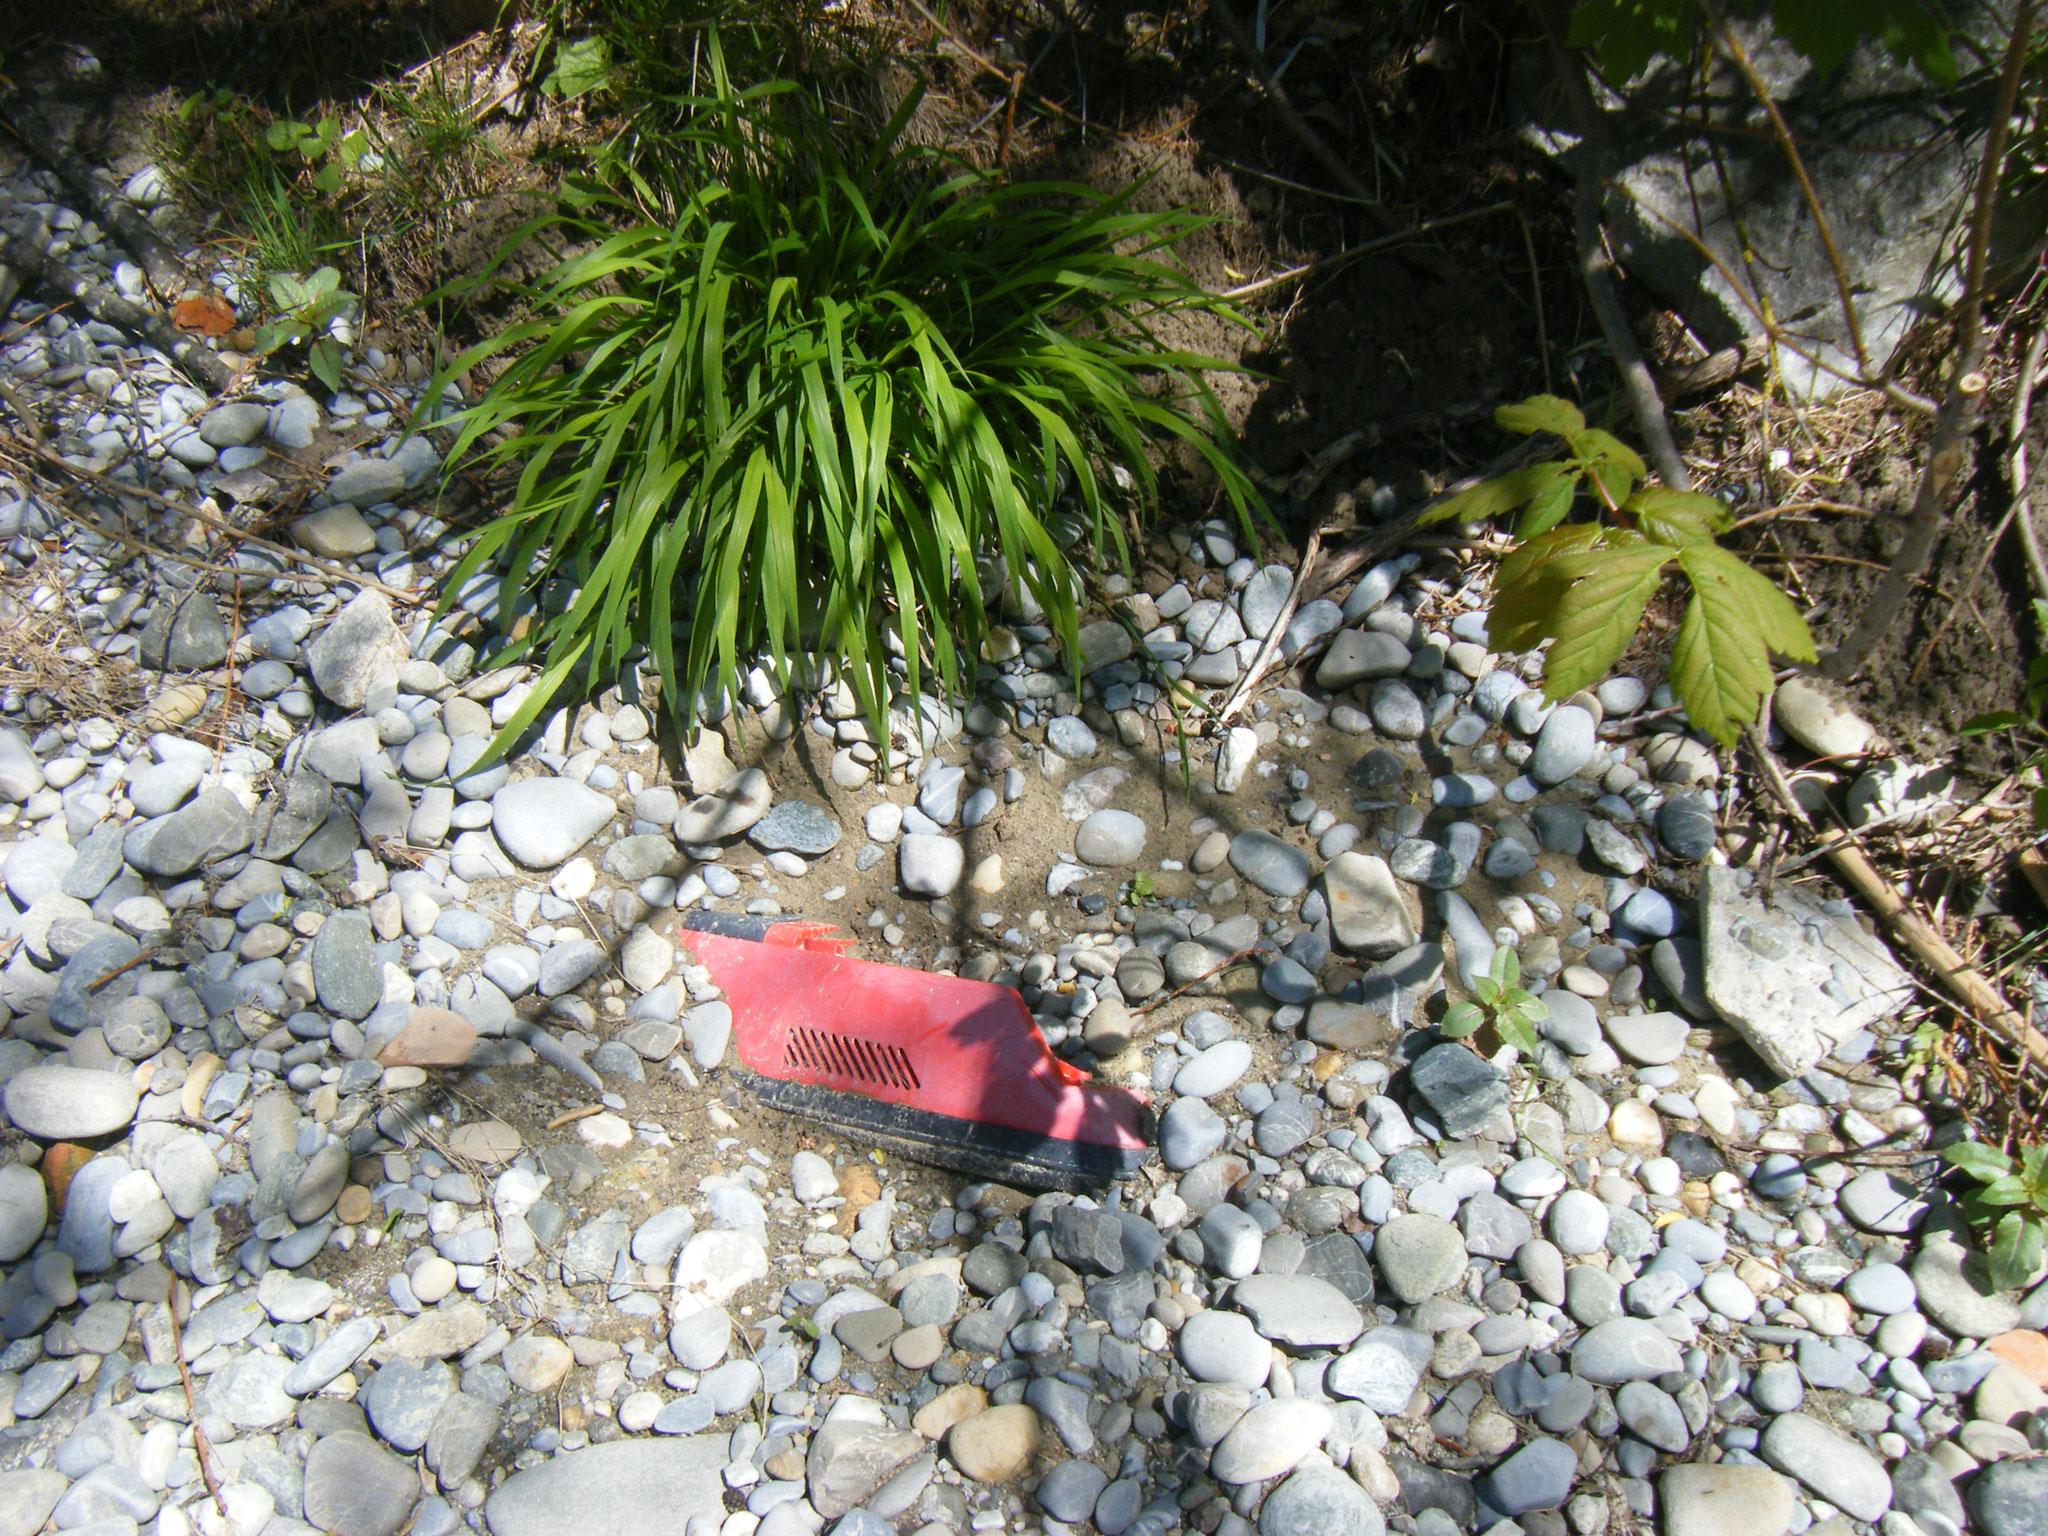 ein Stück weiter vorne lag ein undefinierbares rotes Maschinenteil halb im Kies verborgen